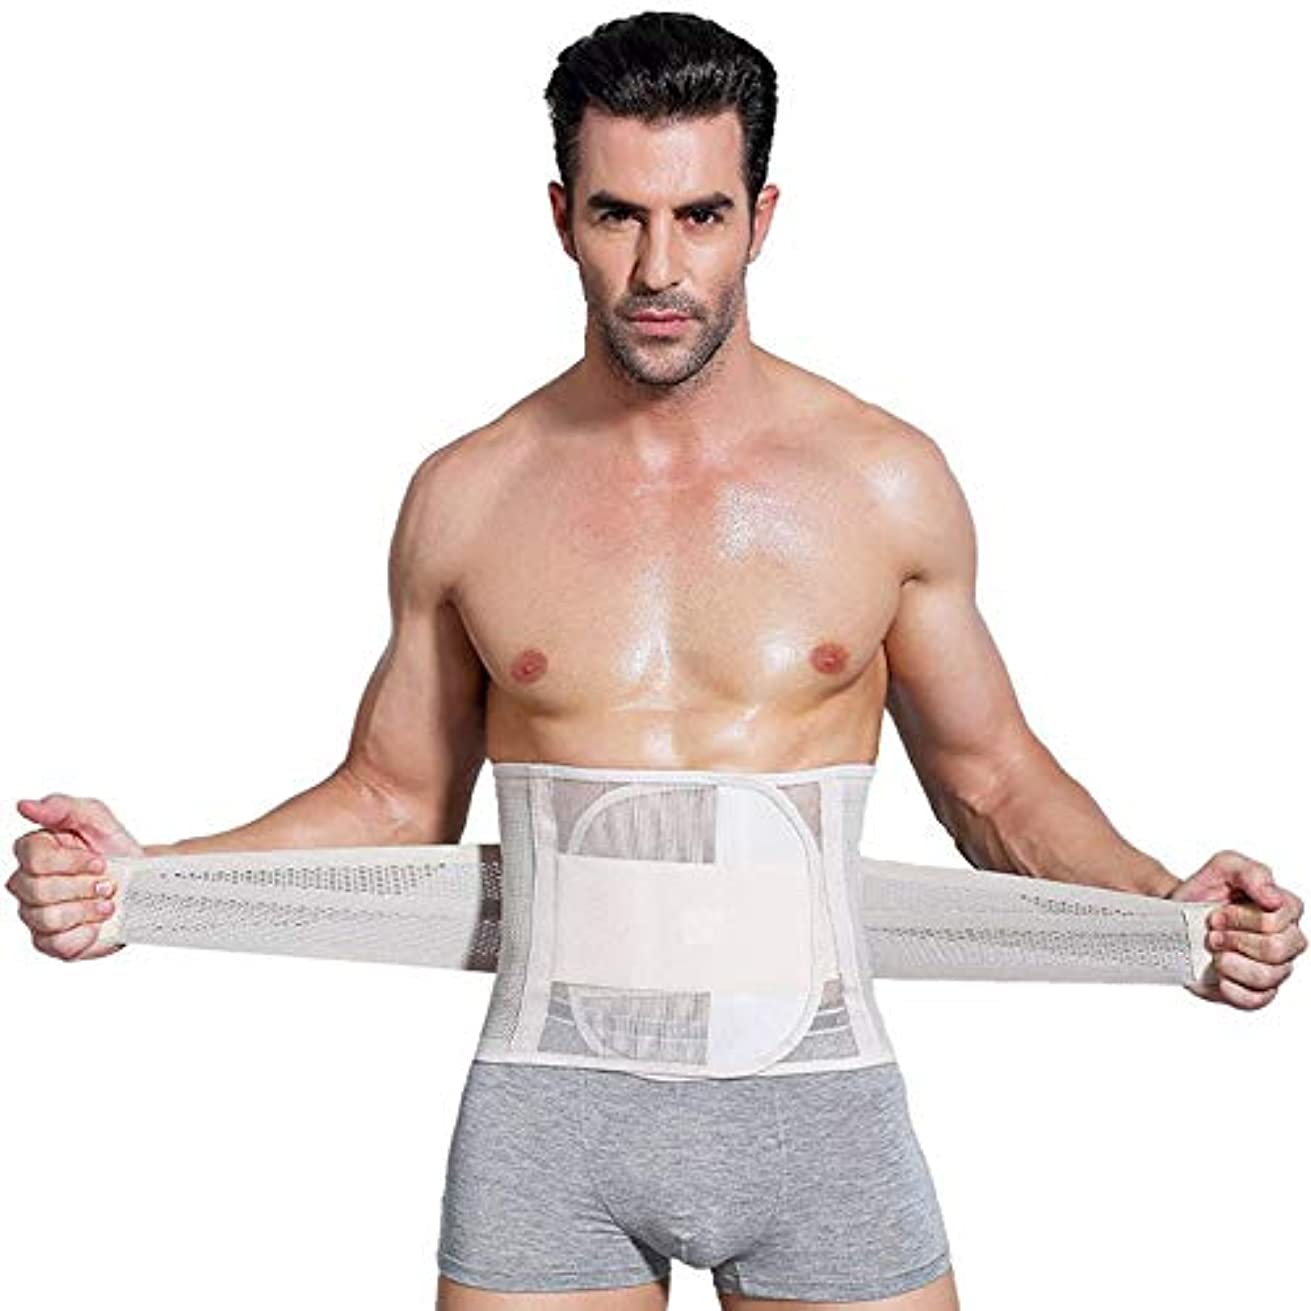 捧げる気になる印刷する男性ボディシェイパーコルセット腹部おなかコントロールウエストトレーナーニッパー脂肪燃焼ガードル痩身腹ベルト用男性 - 肌色XL